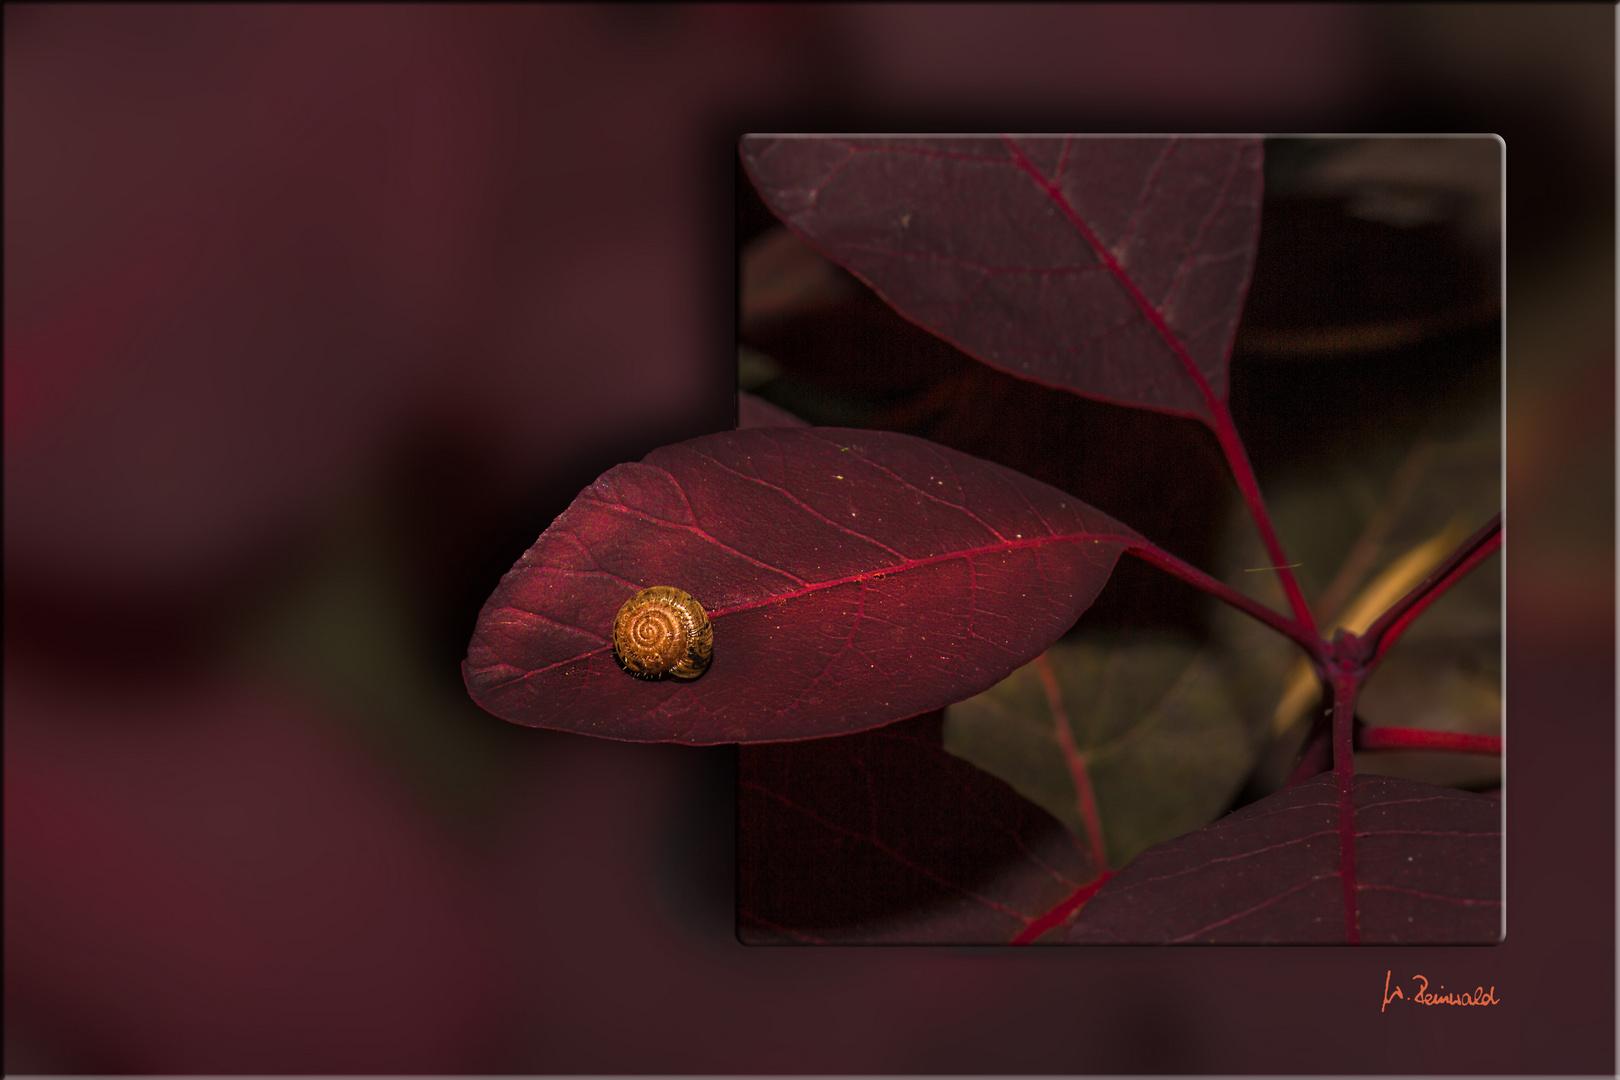 Minischnecklein auf Perückenstrauchblatt